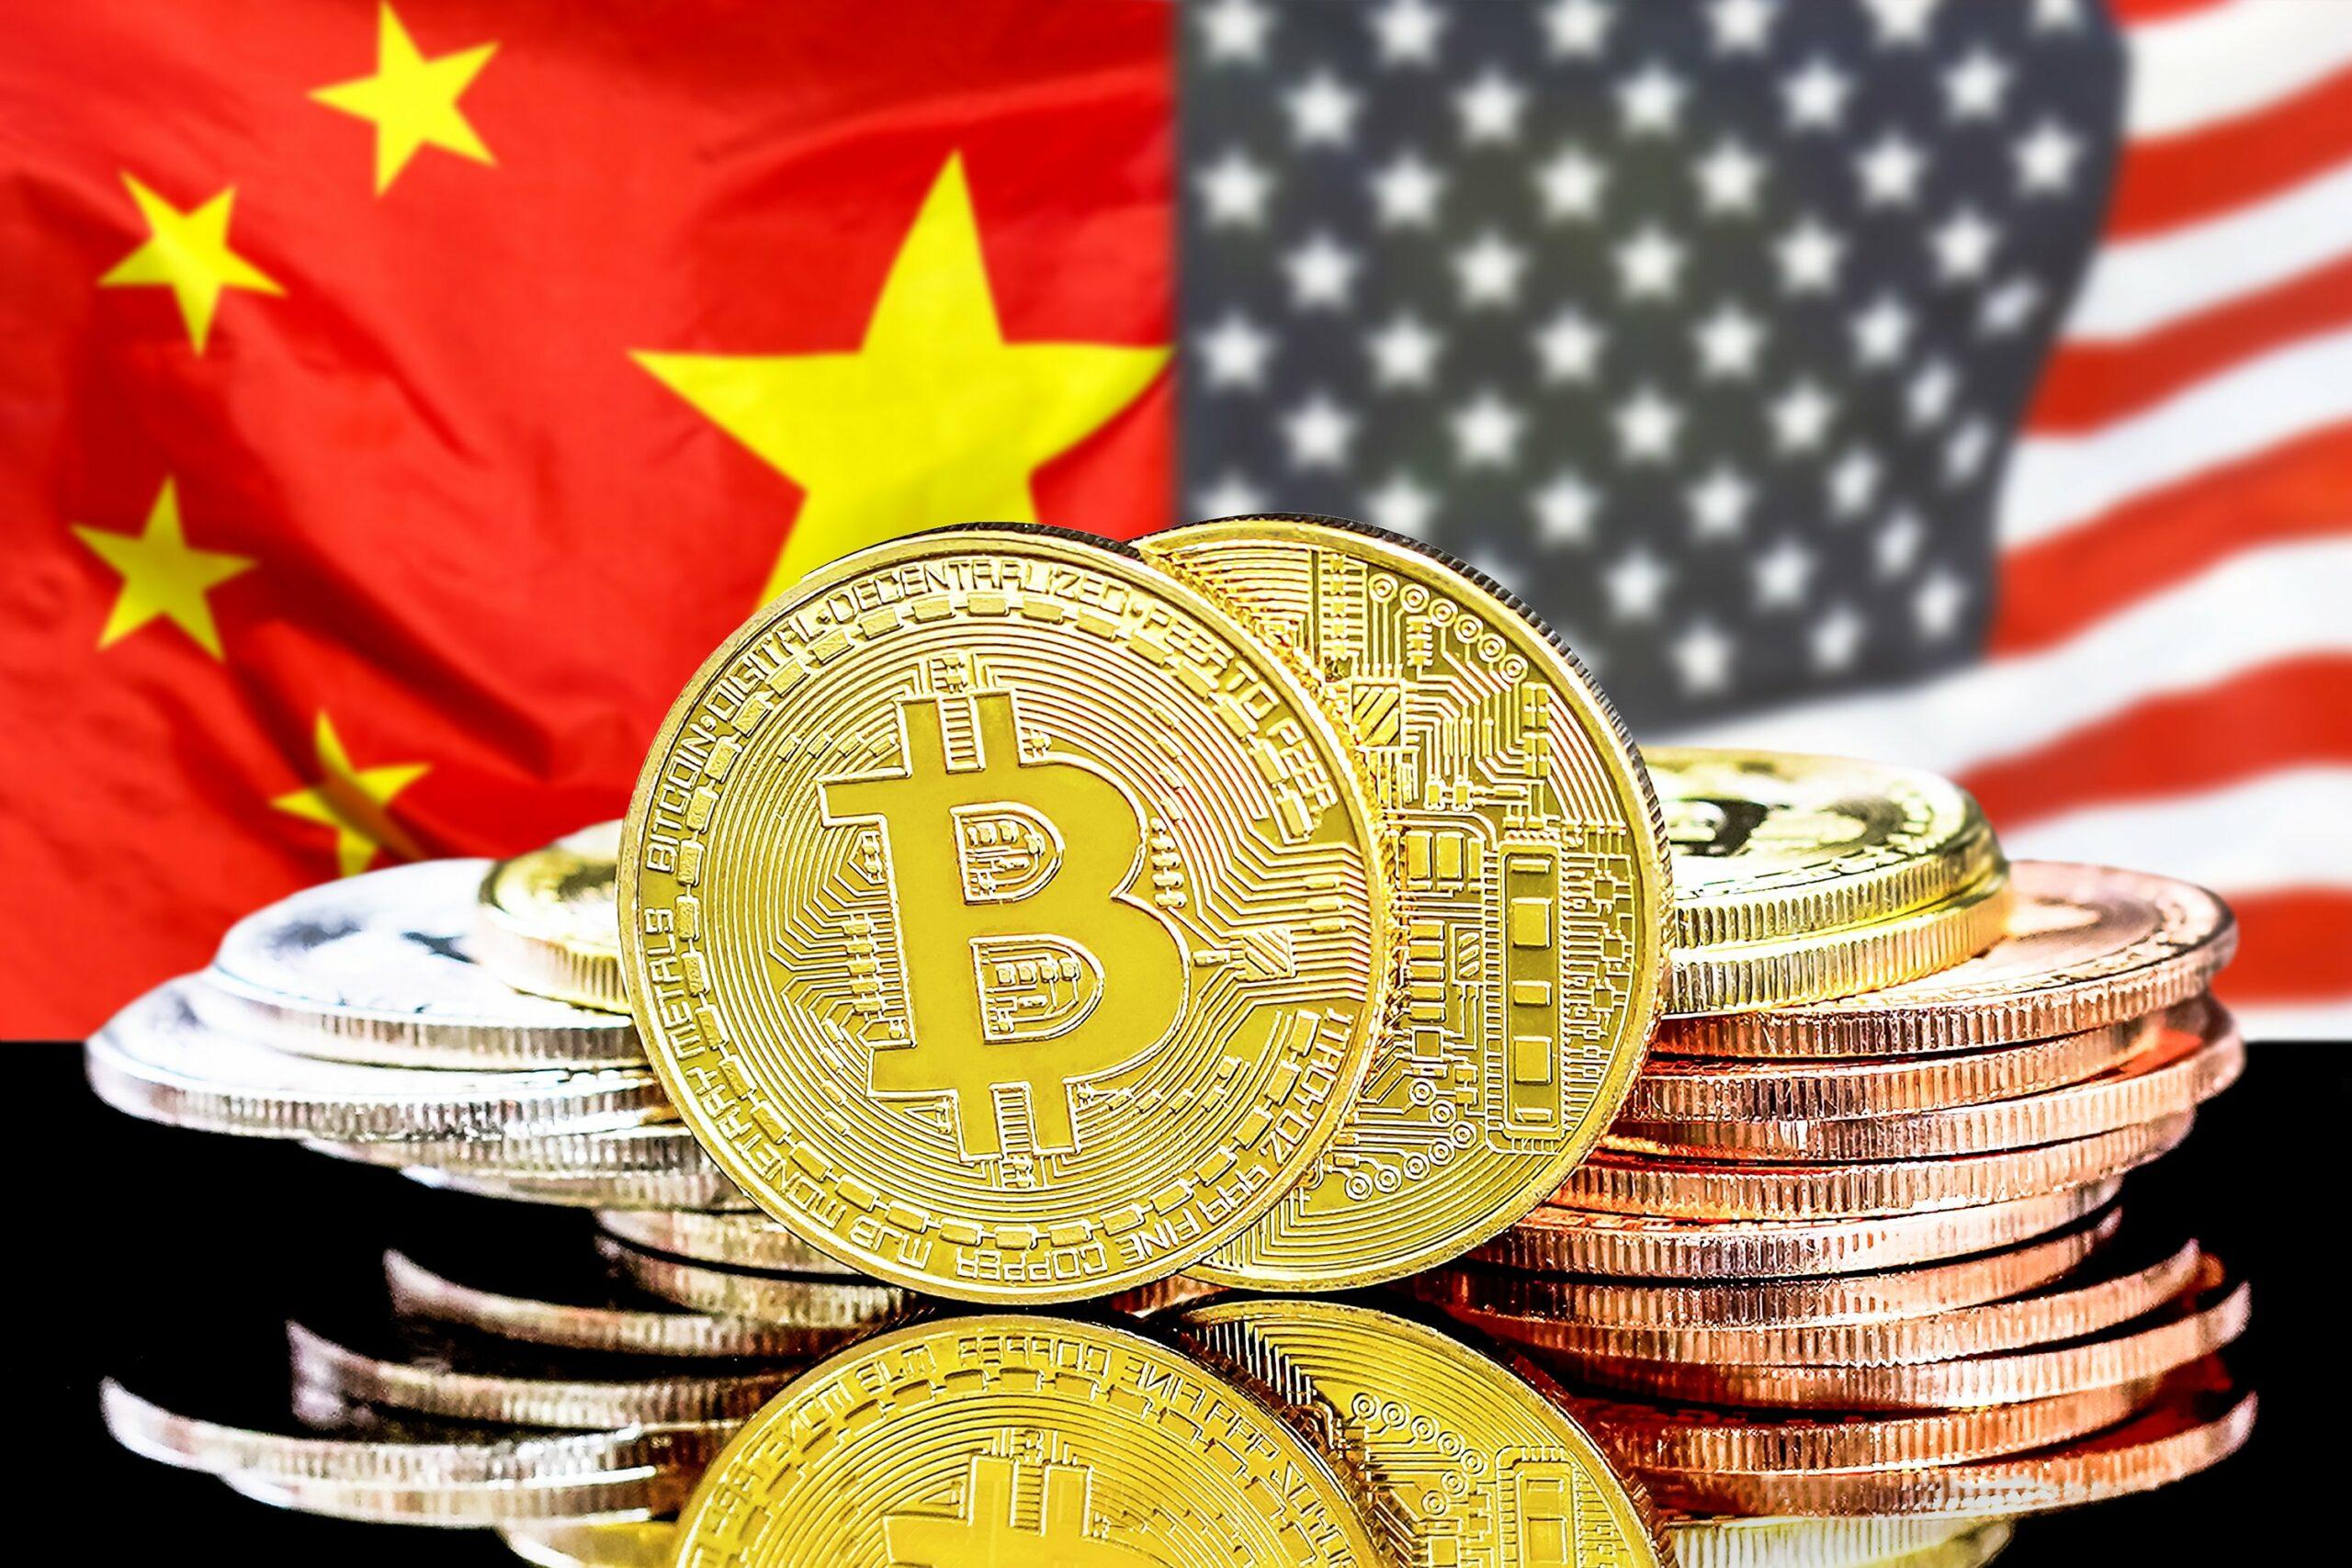 آمریکا برای اولین بار با عبور از چین، به قطب استخراج بیت کوین دنیا تبدیل شد